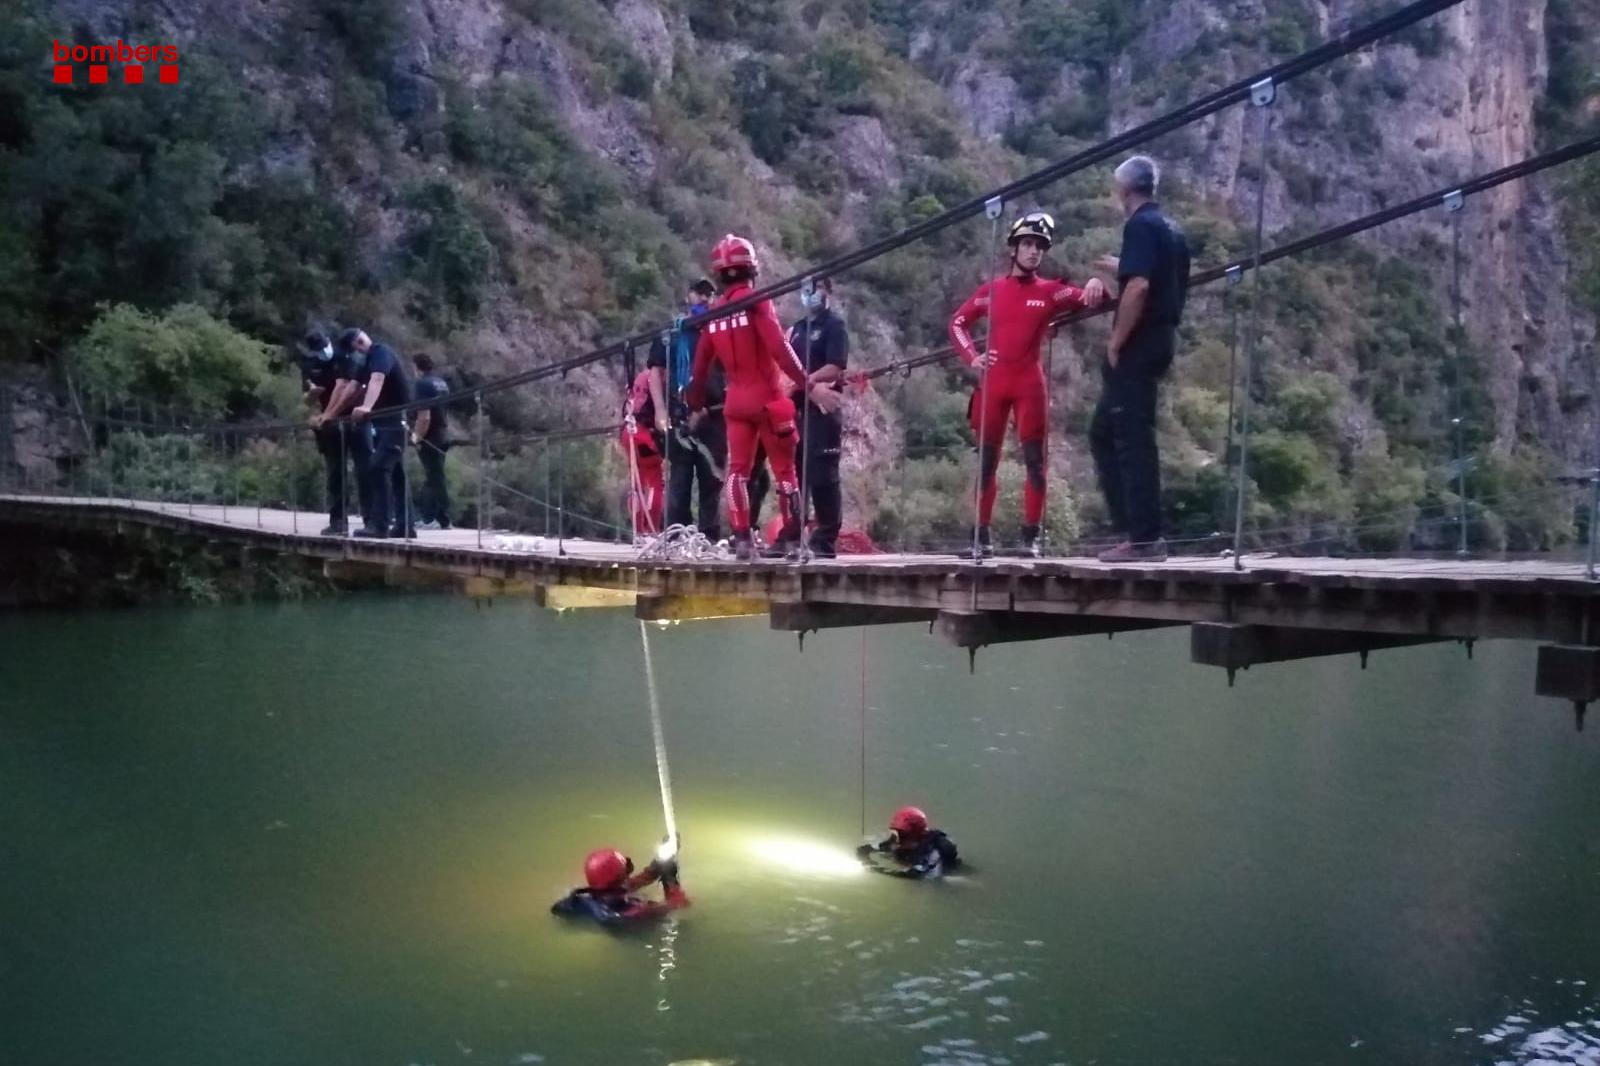 Un noi de 22 anys mor ofegat al pantà de Camarasa, a la Noguera